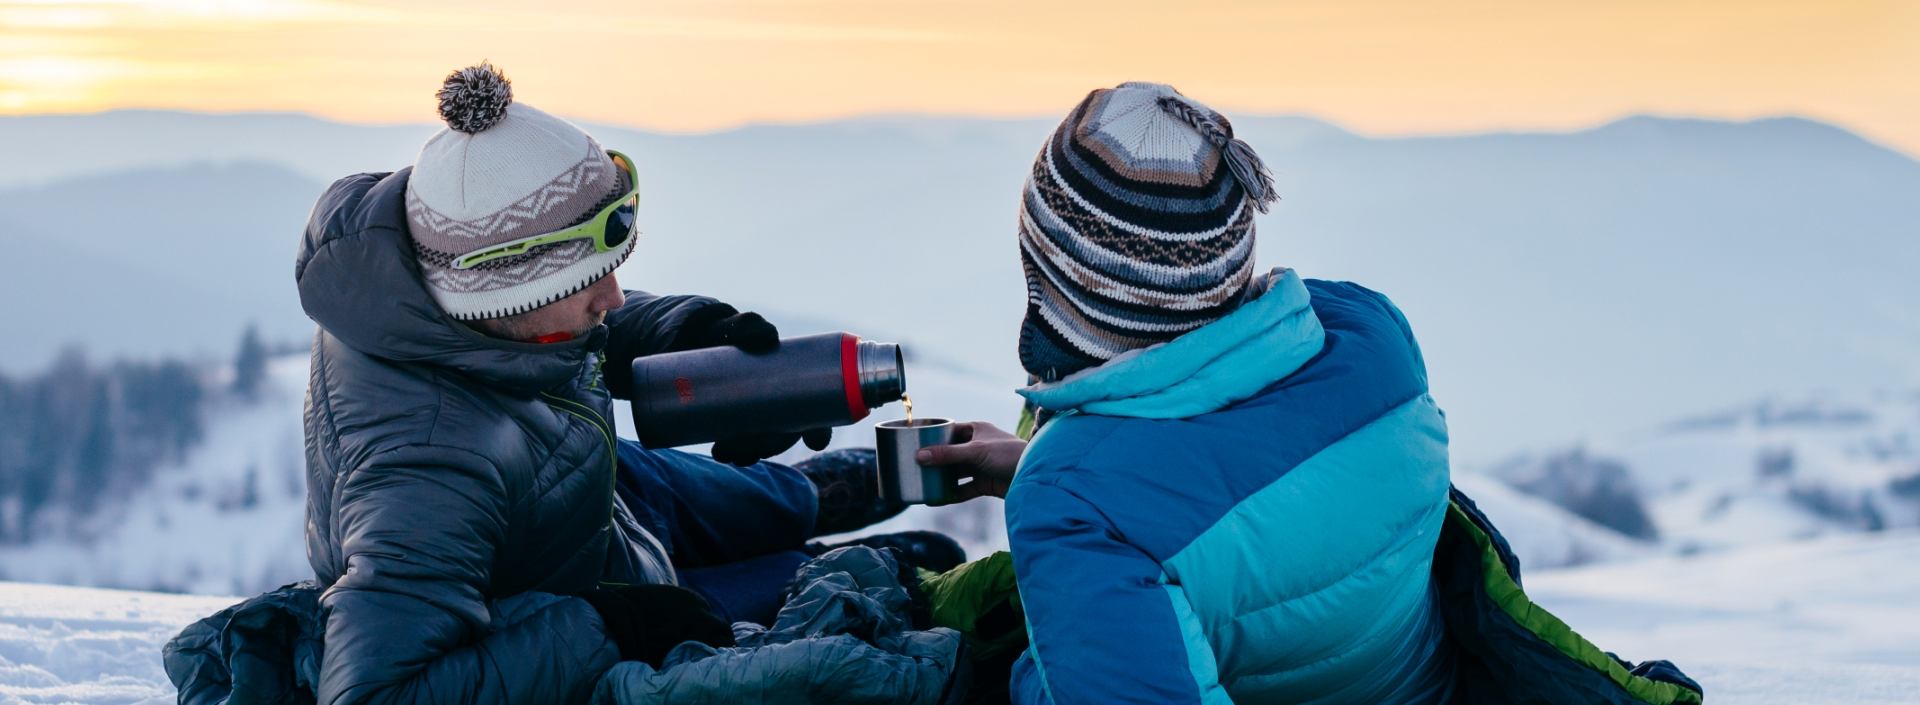 Termos turystyczny z herbatą zimą